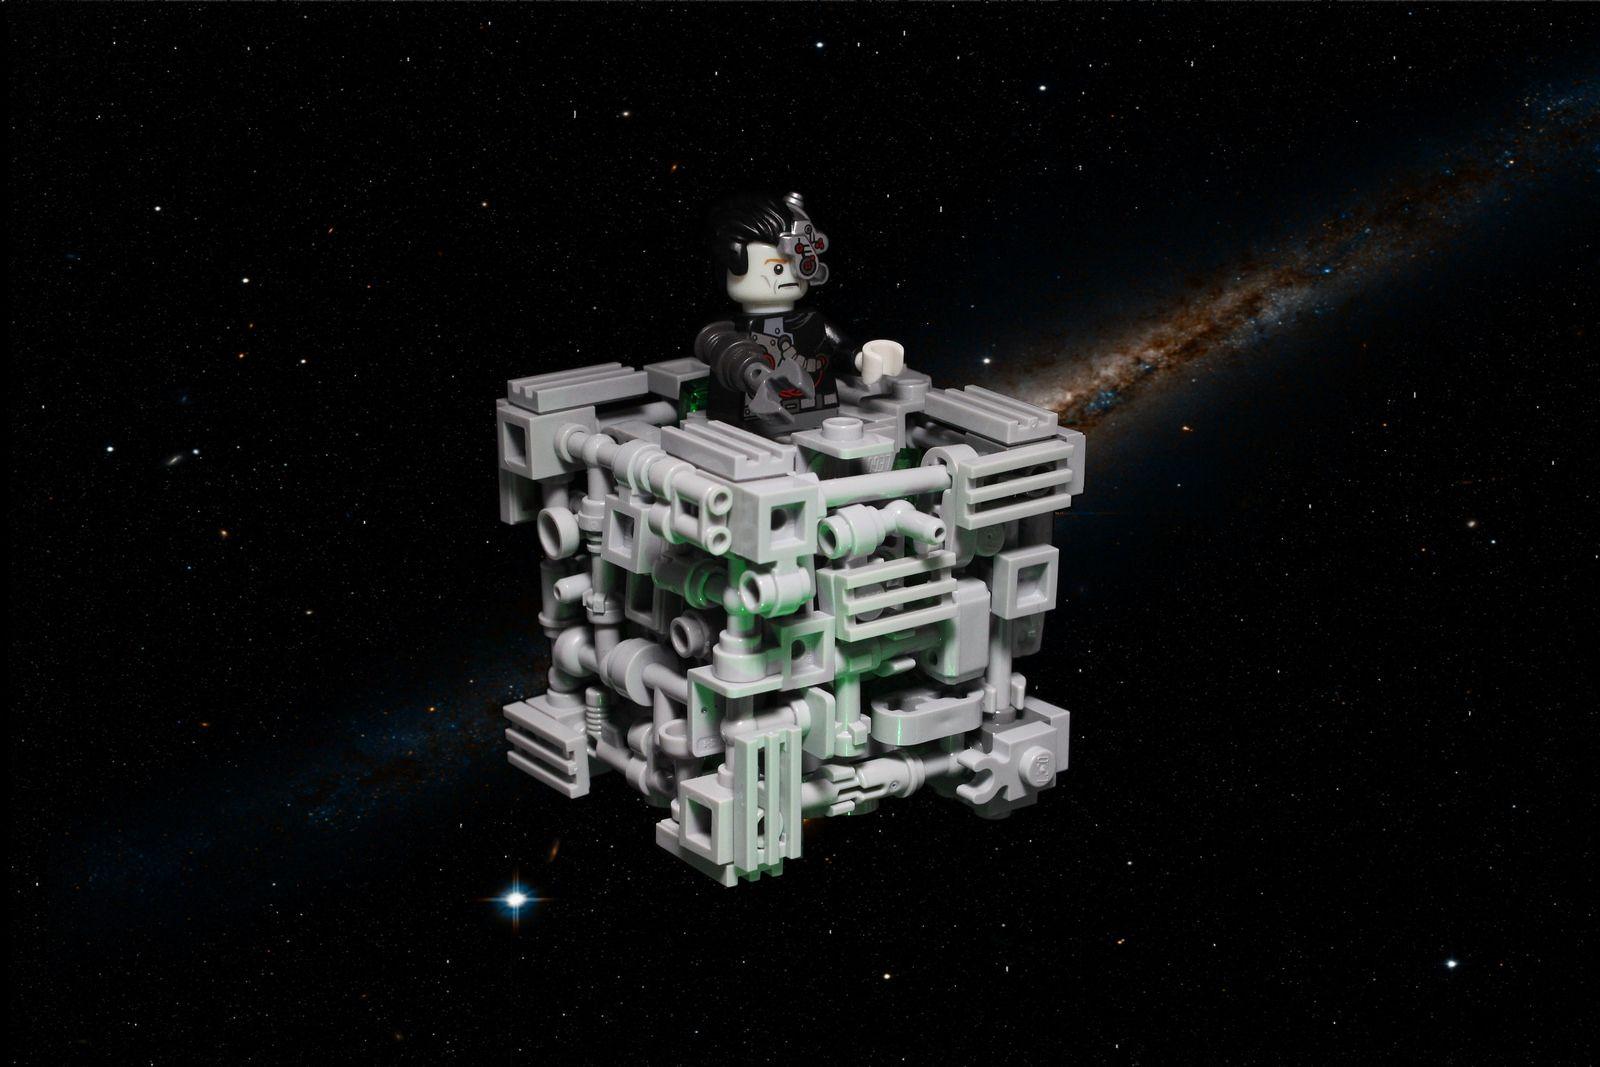 Cyrus Borg Cube Lego Chibi Lego Lego spaceship 1600x1067